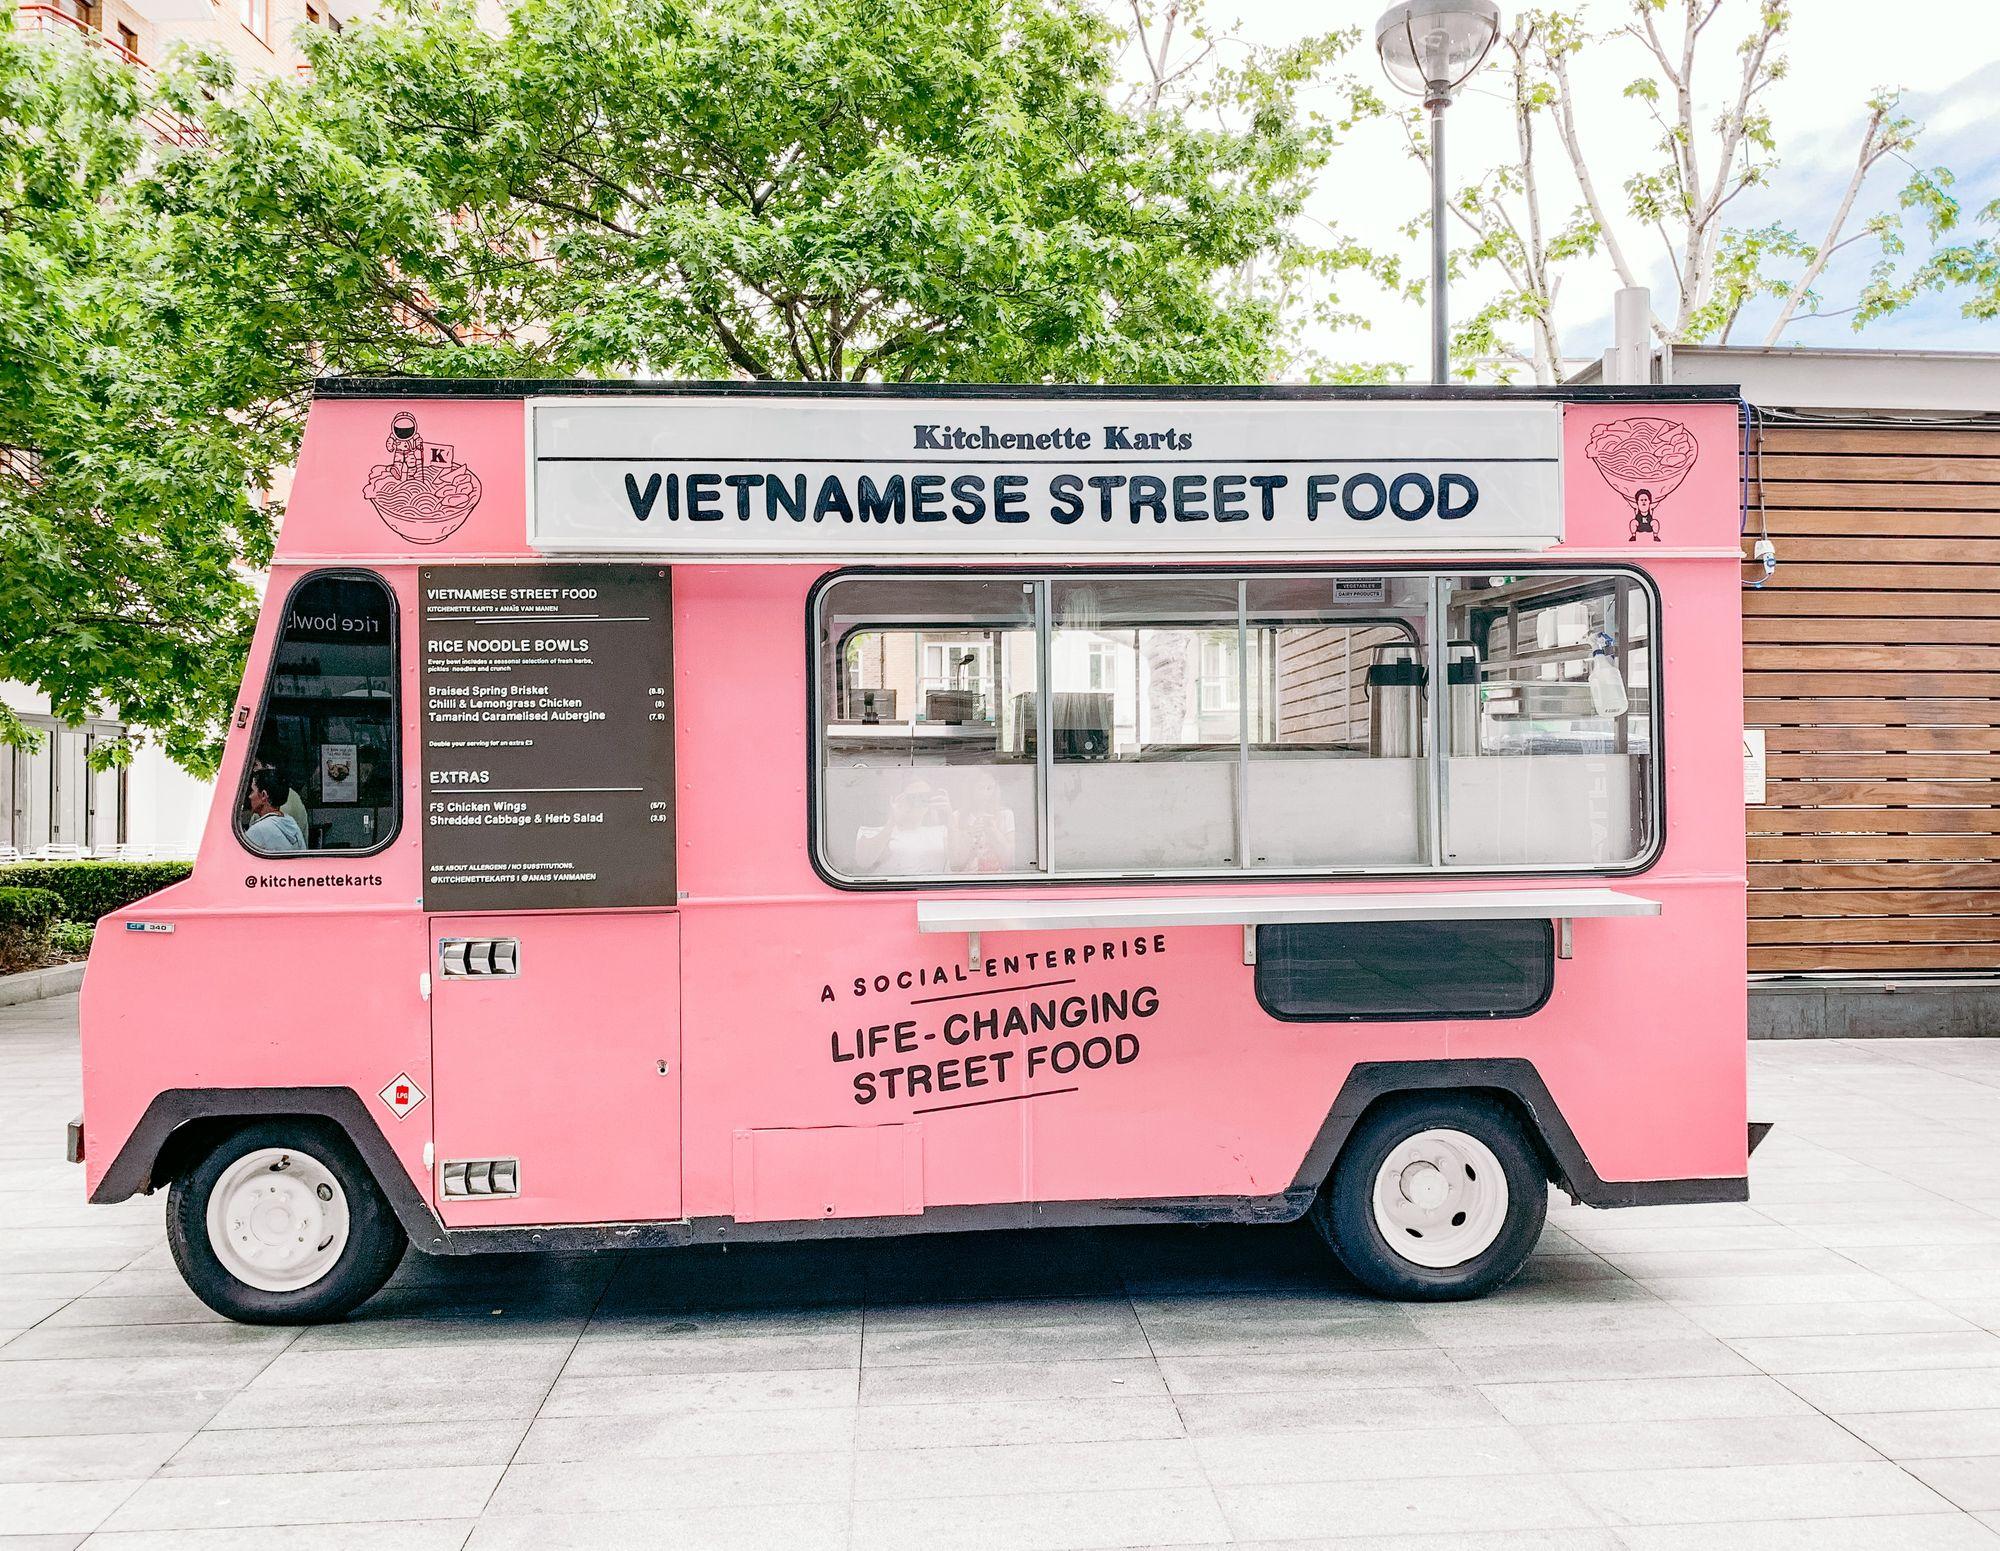 Vietnamese Street Food Truck Business